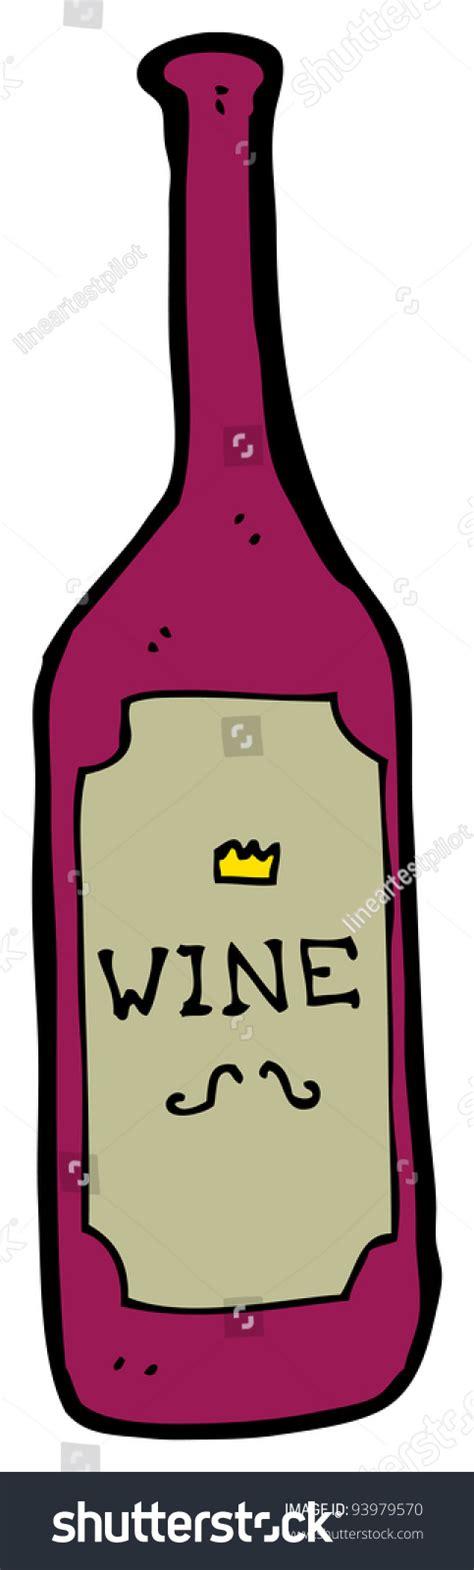 cartoon wine bottle cartoon wine bottle raster version stock illustration